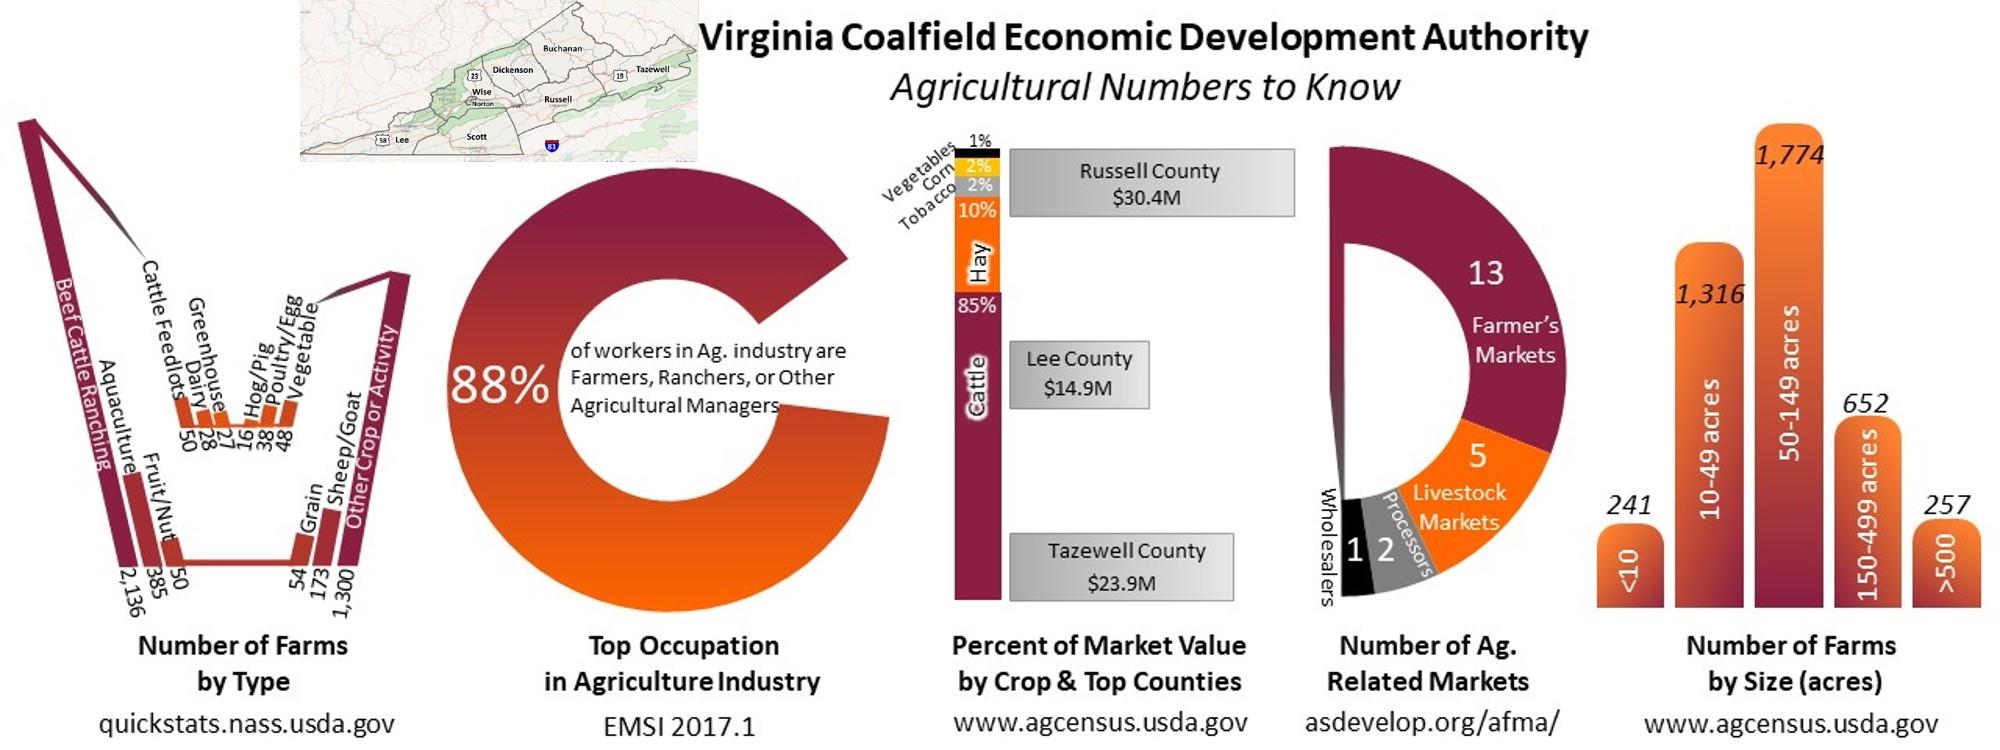 Virginia Coalfield Economic Development Authority